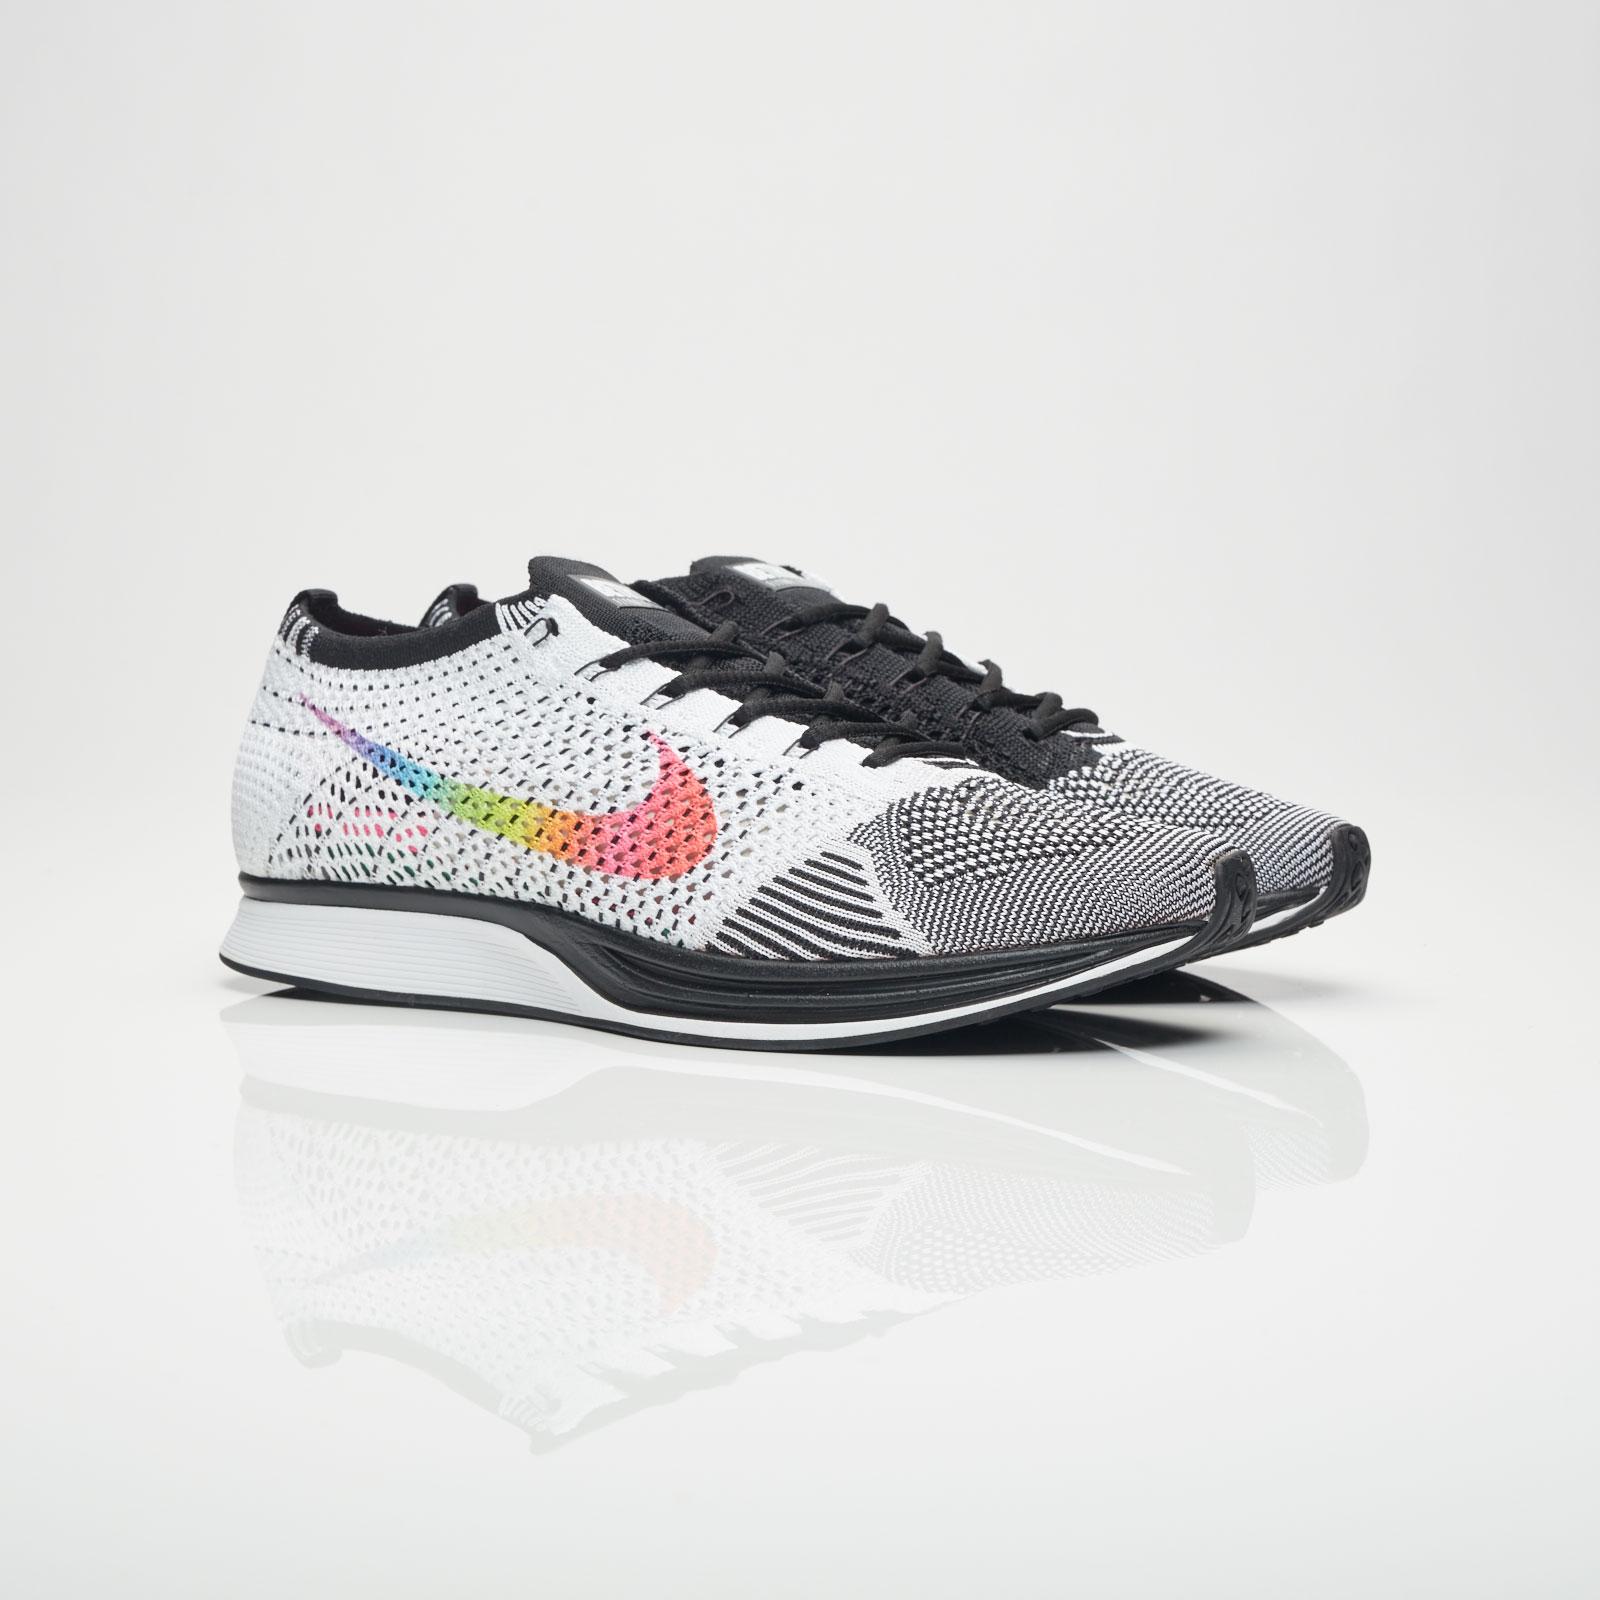 2a2d9707b8c4 Nike Flyknit Racer BETRUE - 902366-100 - Sneakersnstuff